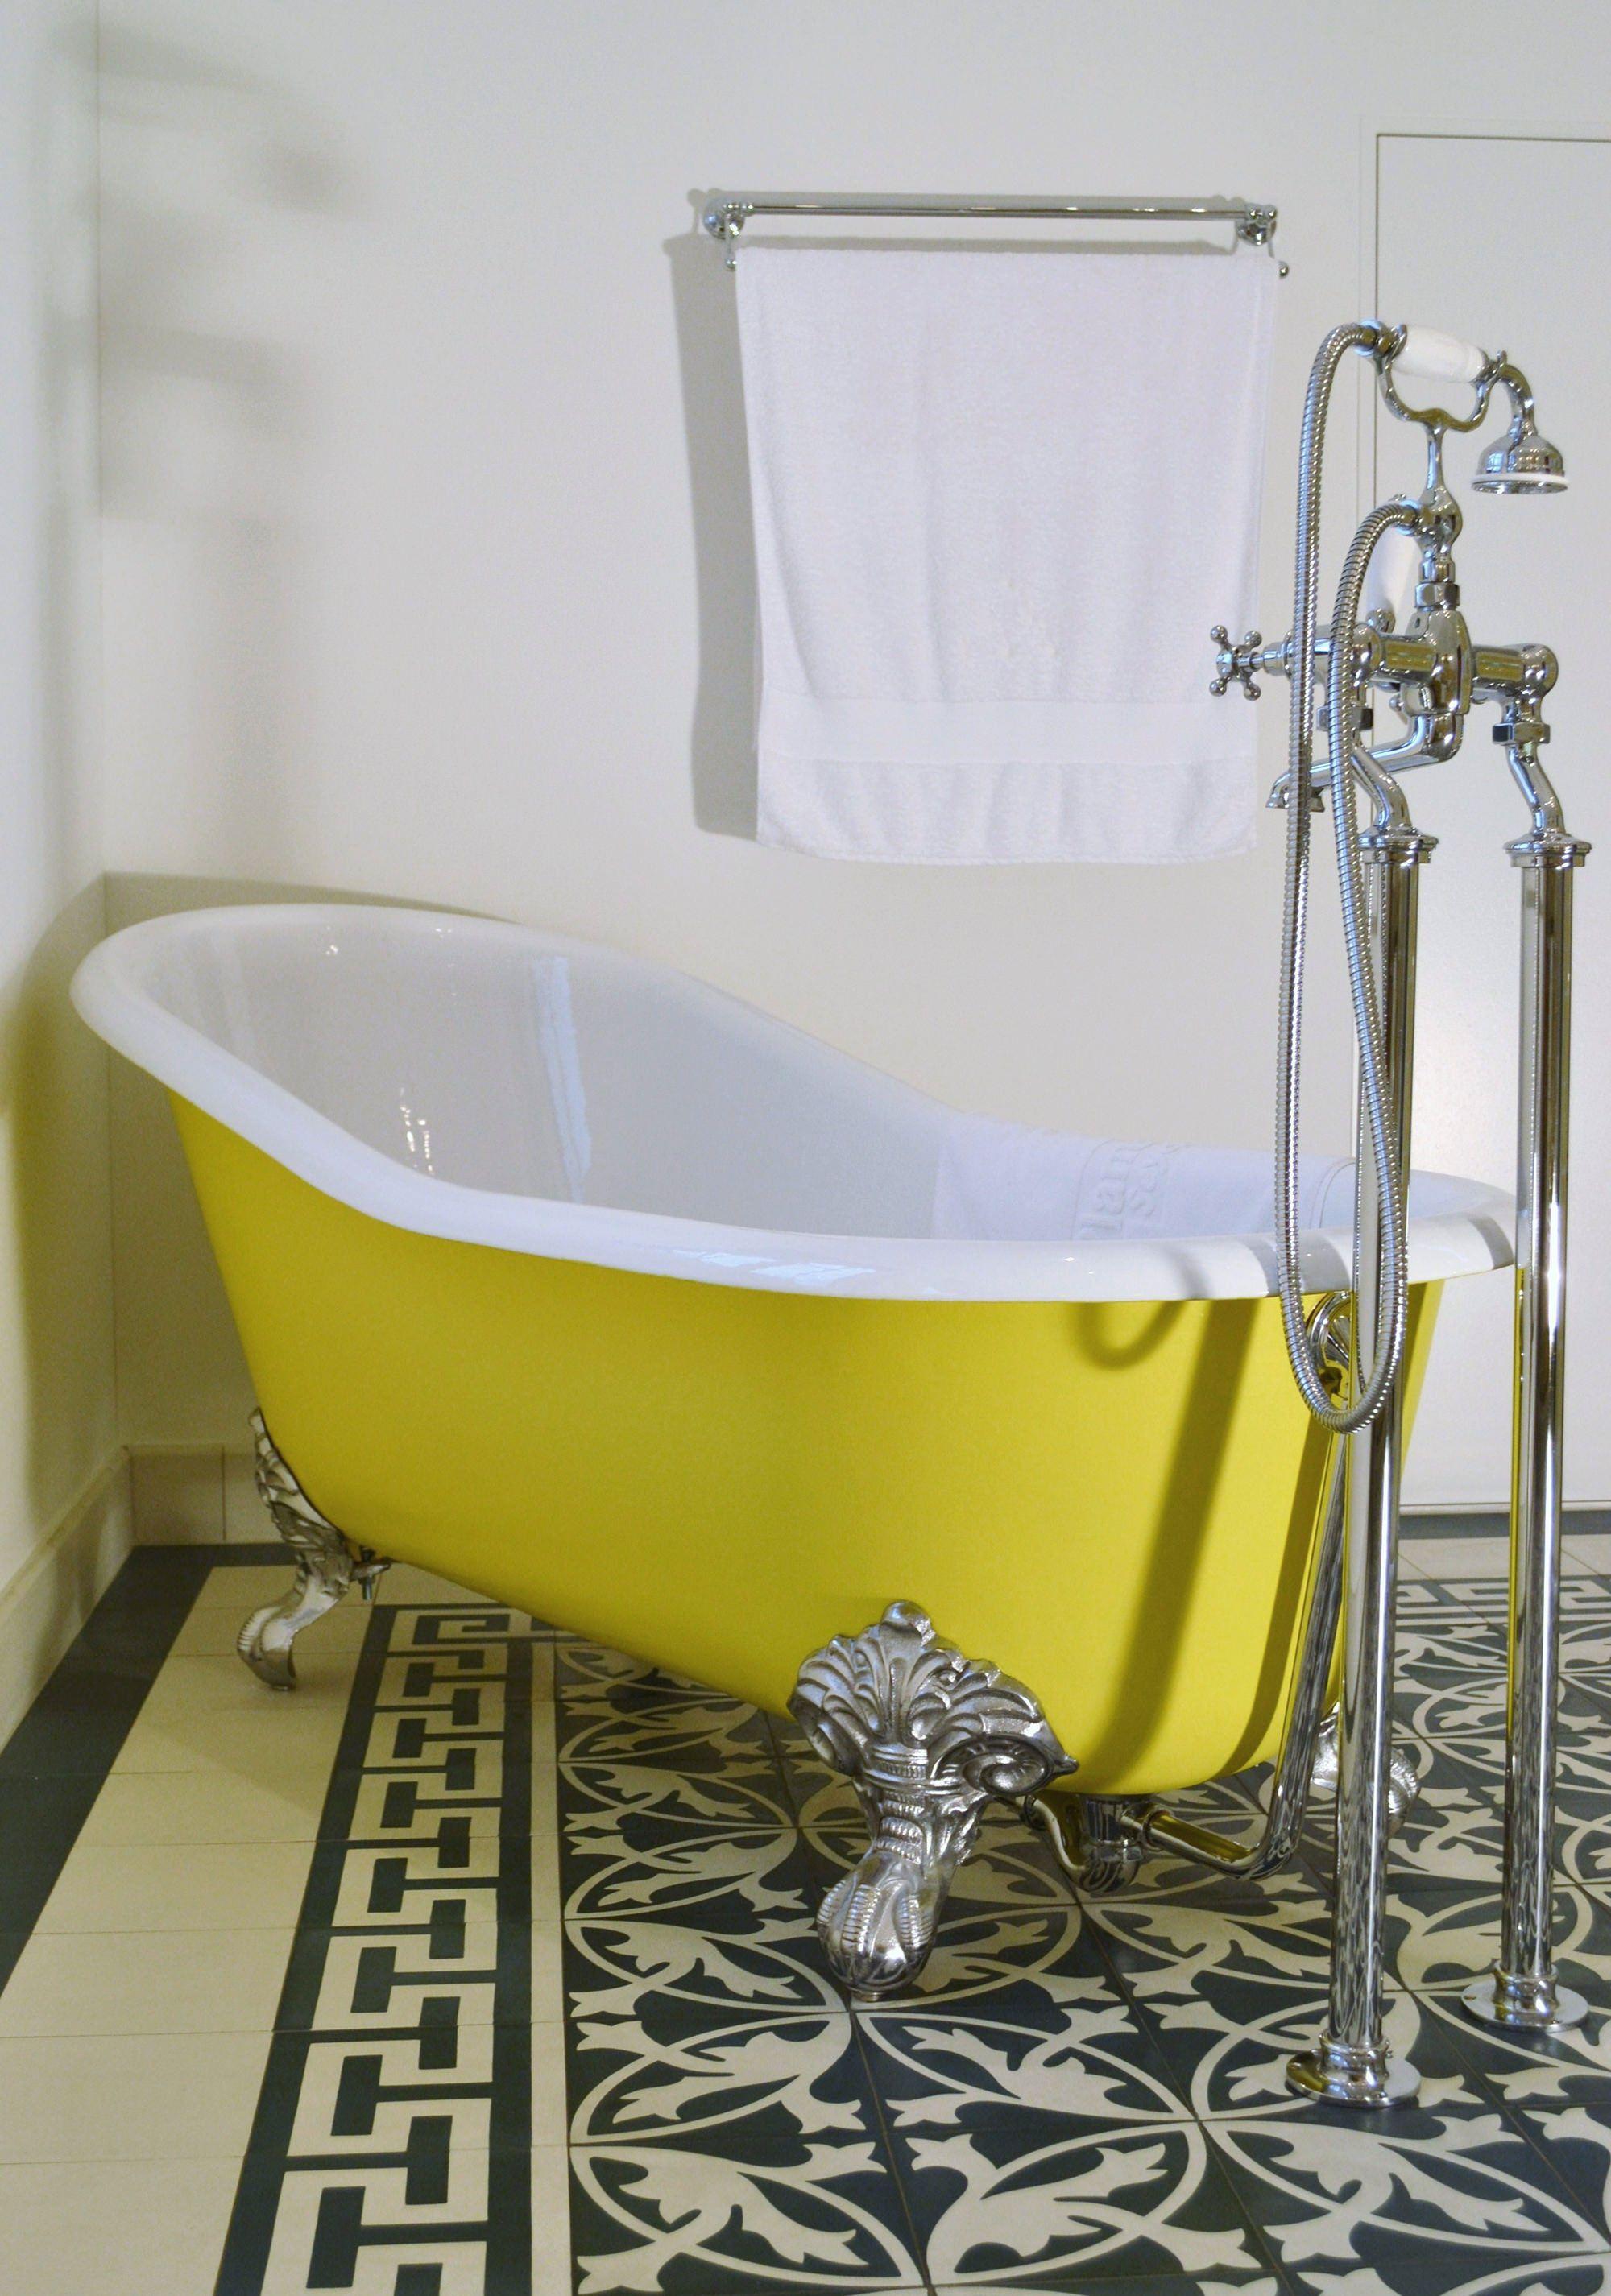 Gusseisen Badewanne Vintage Badewanne Gusseisen Badewanne Badezimmerideen